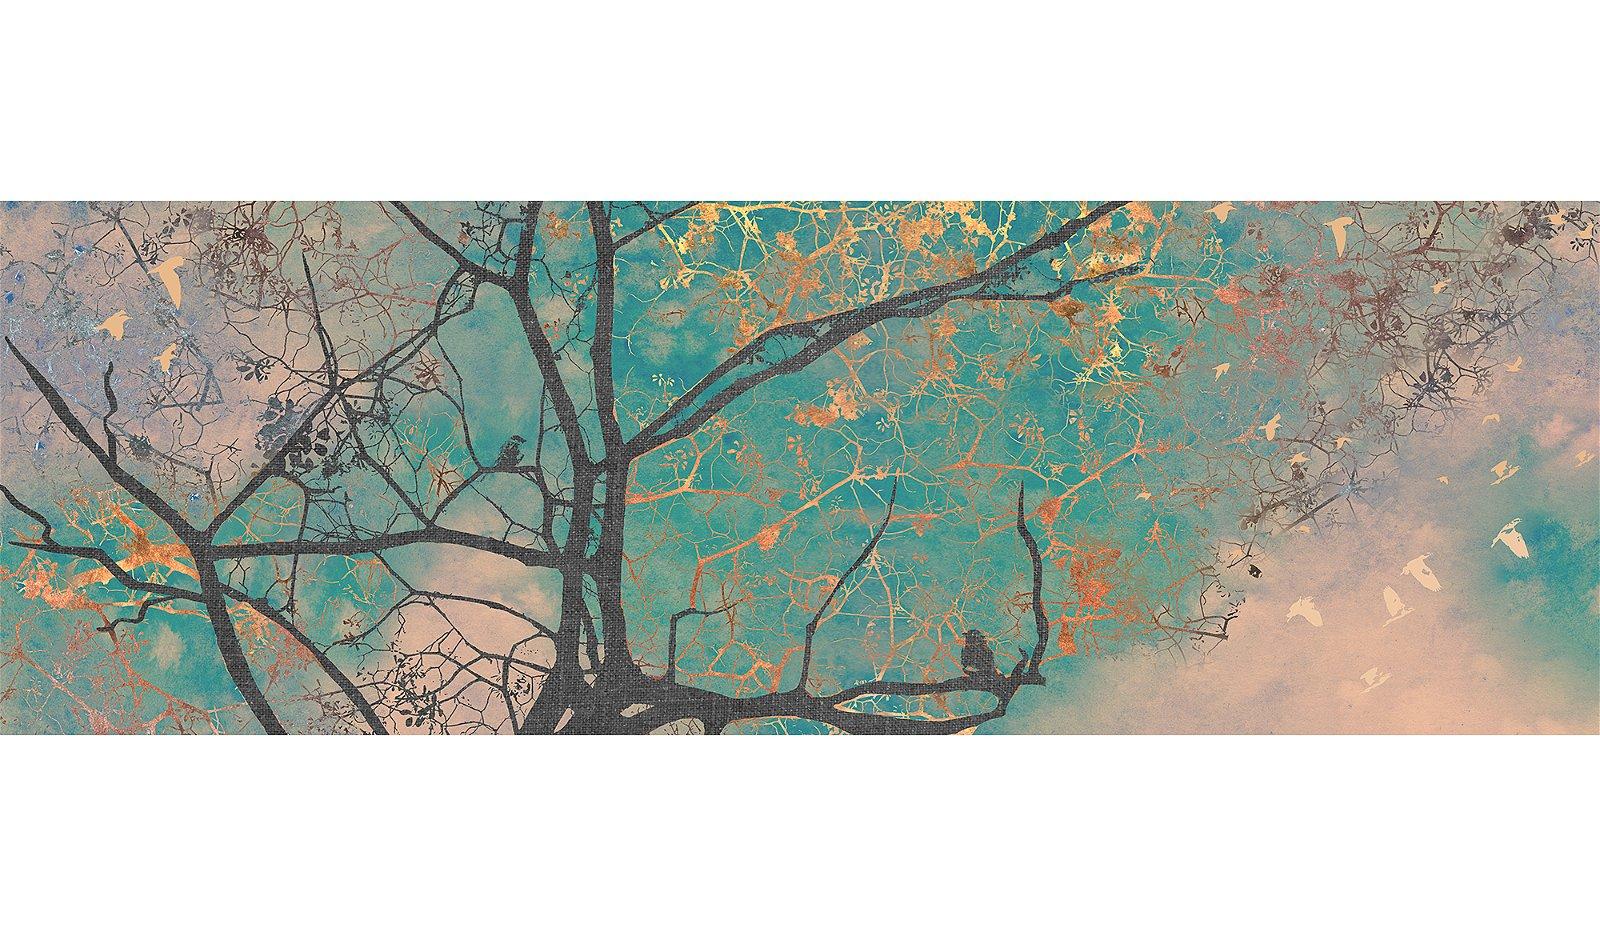 Cuadro ramas árbol fondo turquesa con aves